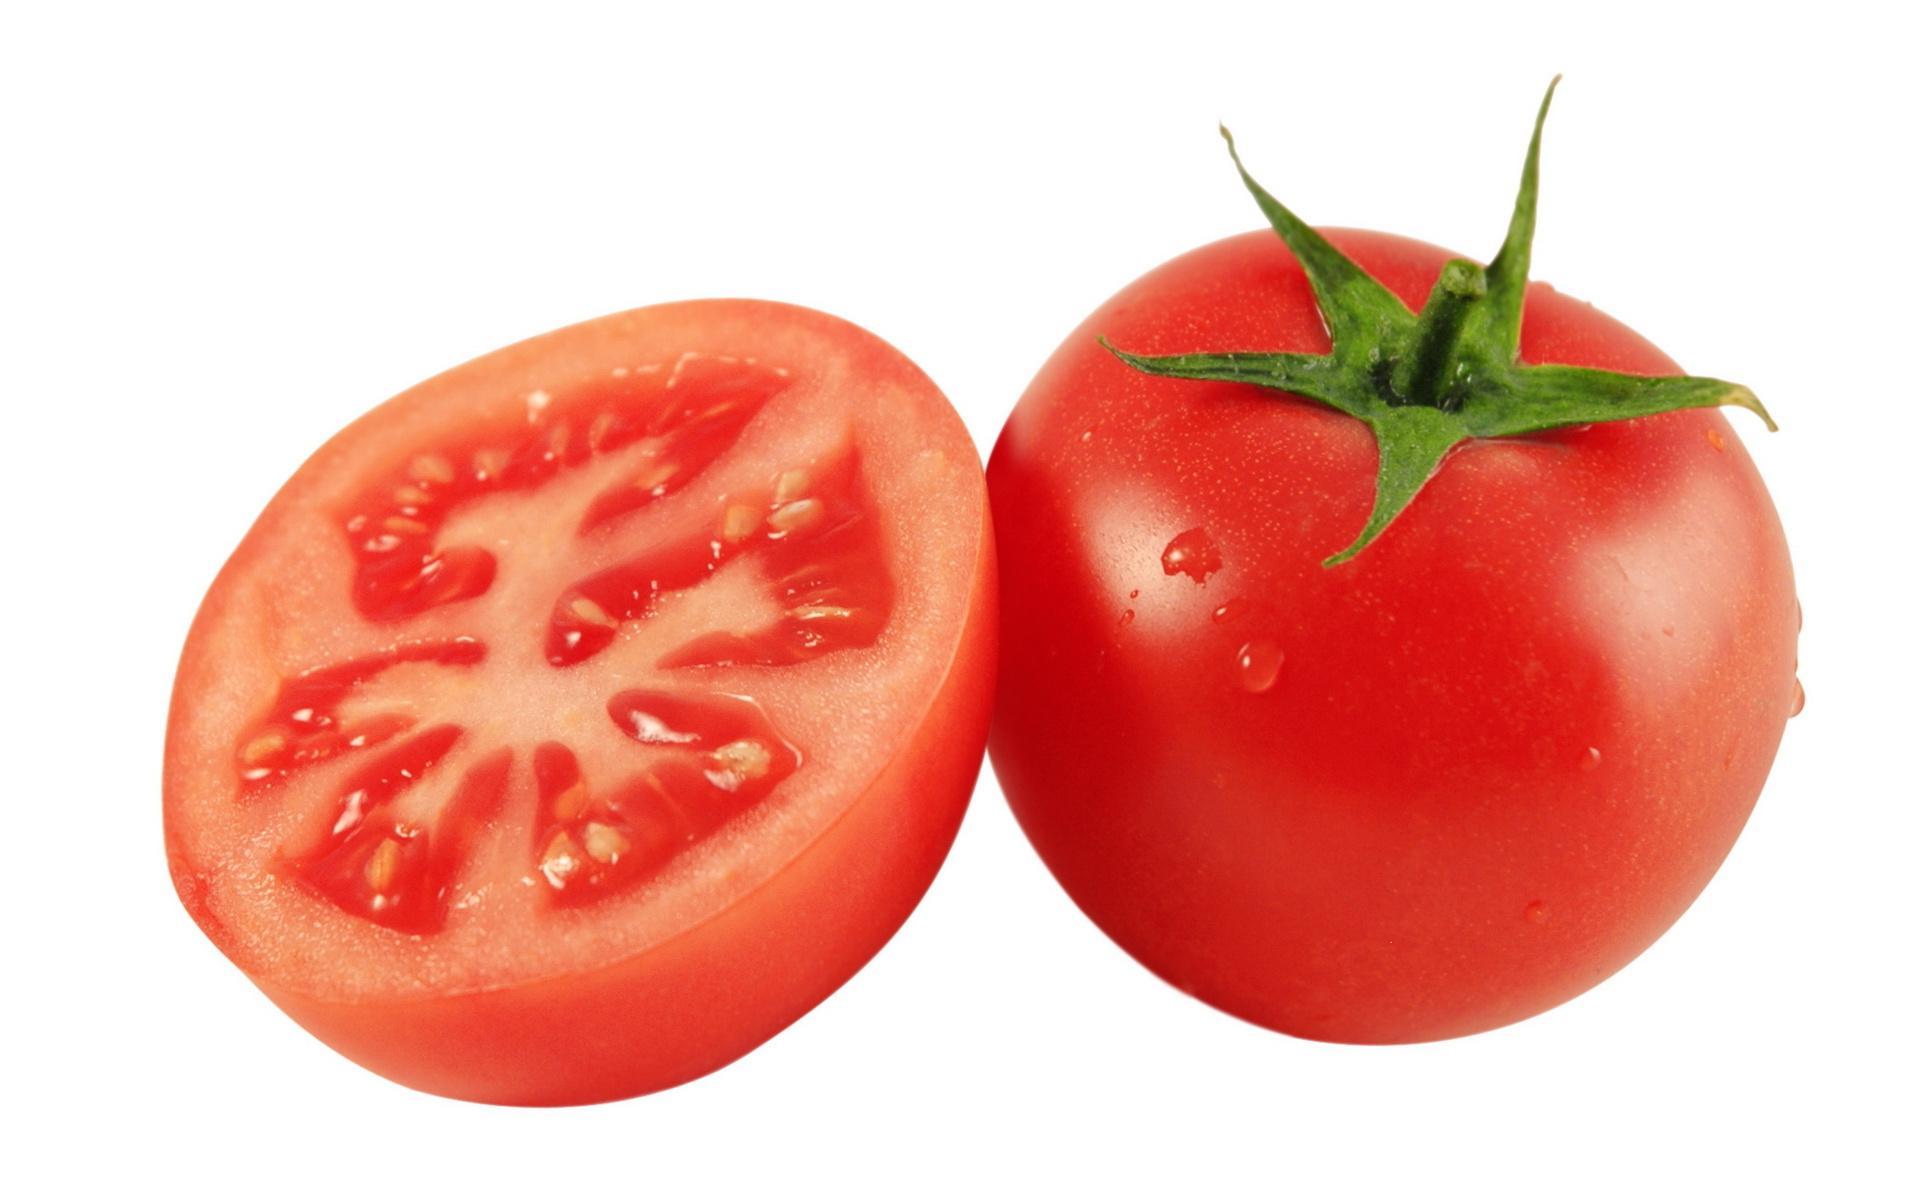 Descoberta de um Novo Alérgeno na Pele do Tomate